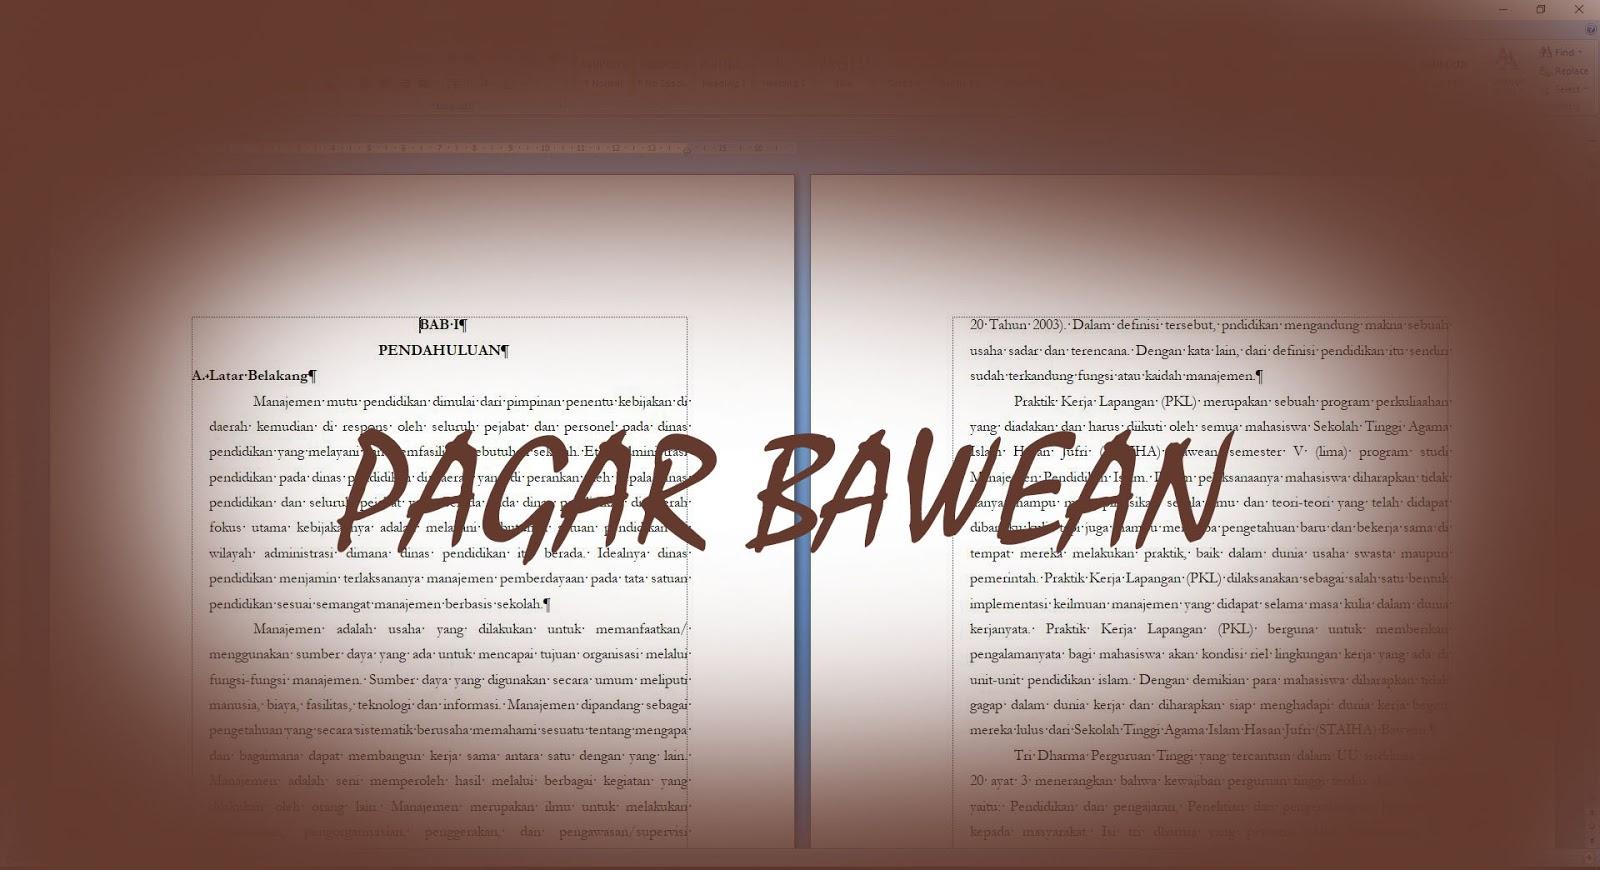 Contoh Laporan Pkl Magang Staiha Saat Kuliah Kelompok Juara 1 Pagar Bawean